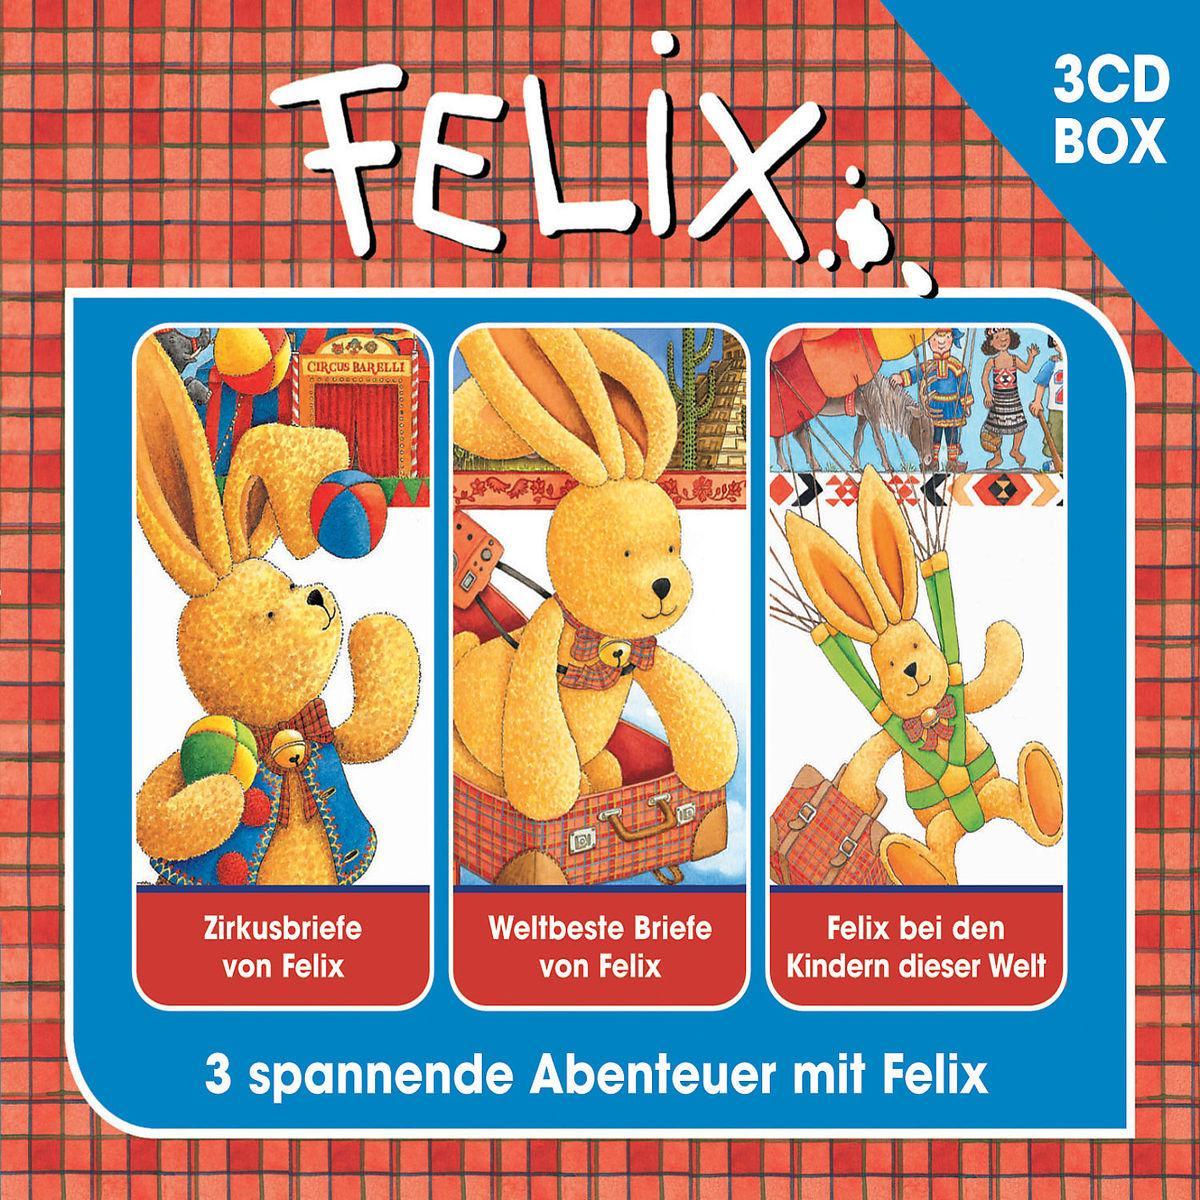 Felix Hörspielbox 2  Zirkusbriefe von Felix / Weltbeste Briefe von Felix / Felix bei den Kindern dieser Welt  Annette Langen (u. a.)  Audio-CD  3 Audio-CDs  Deutsch  2010 - Langen, Annette